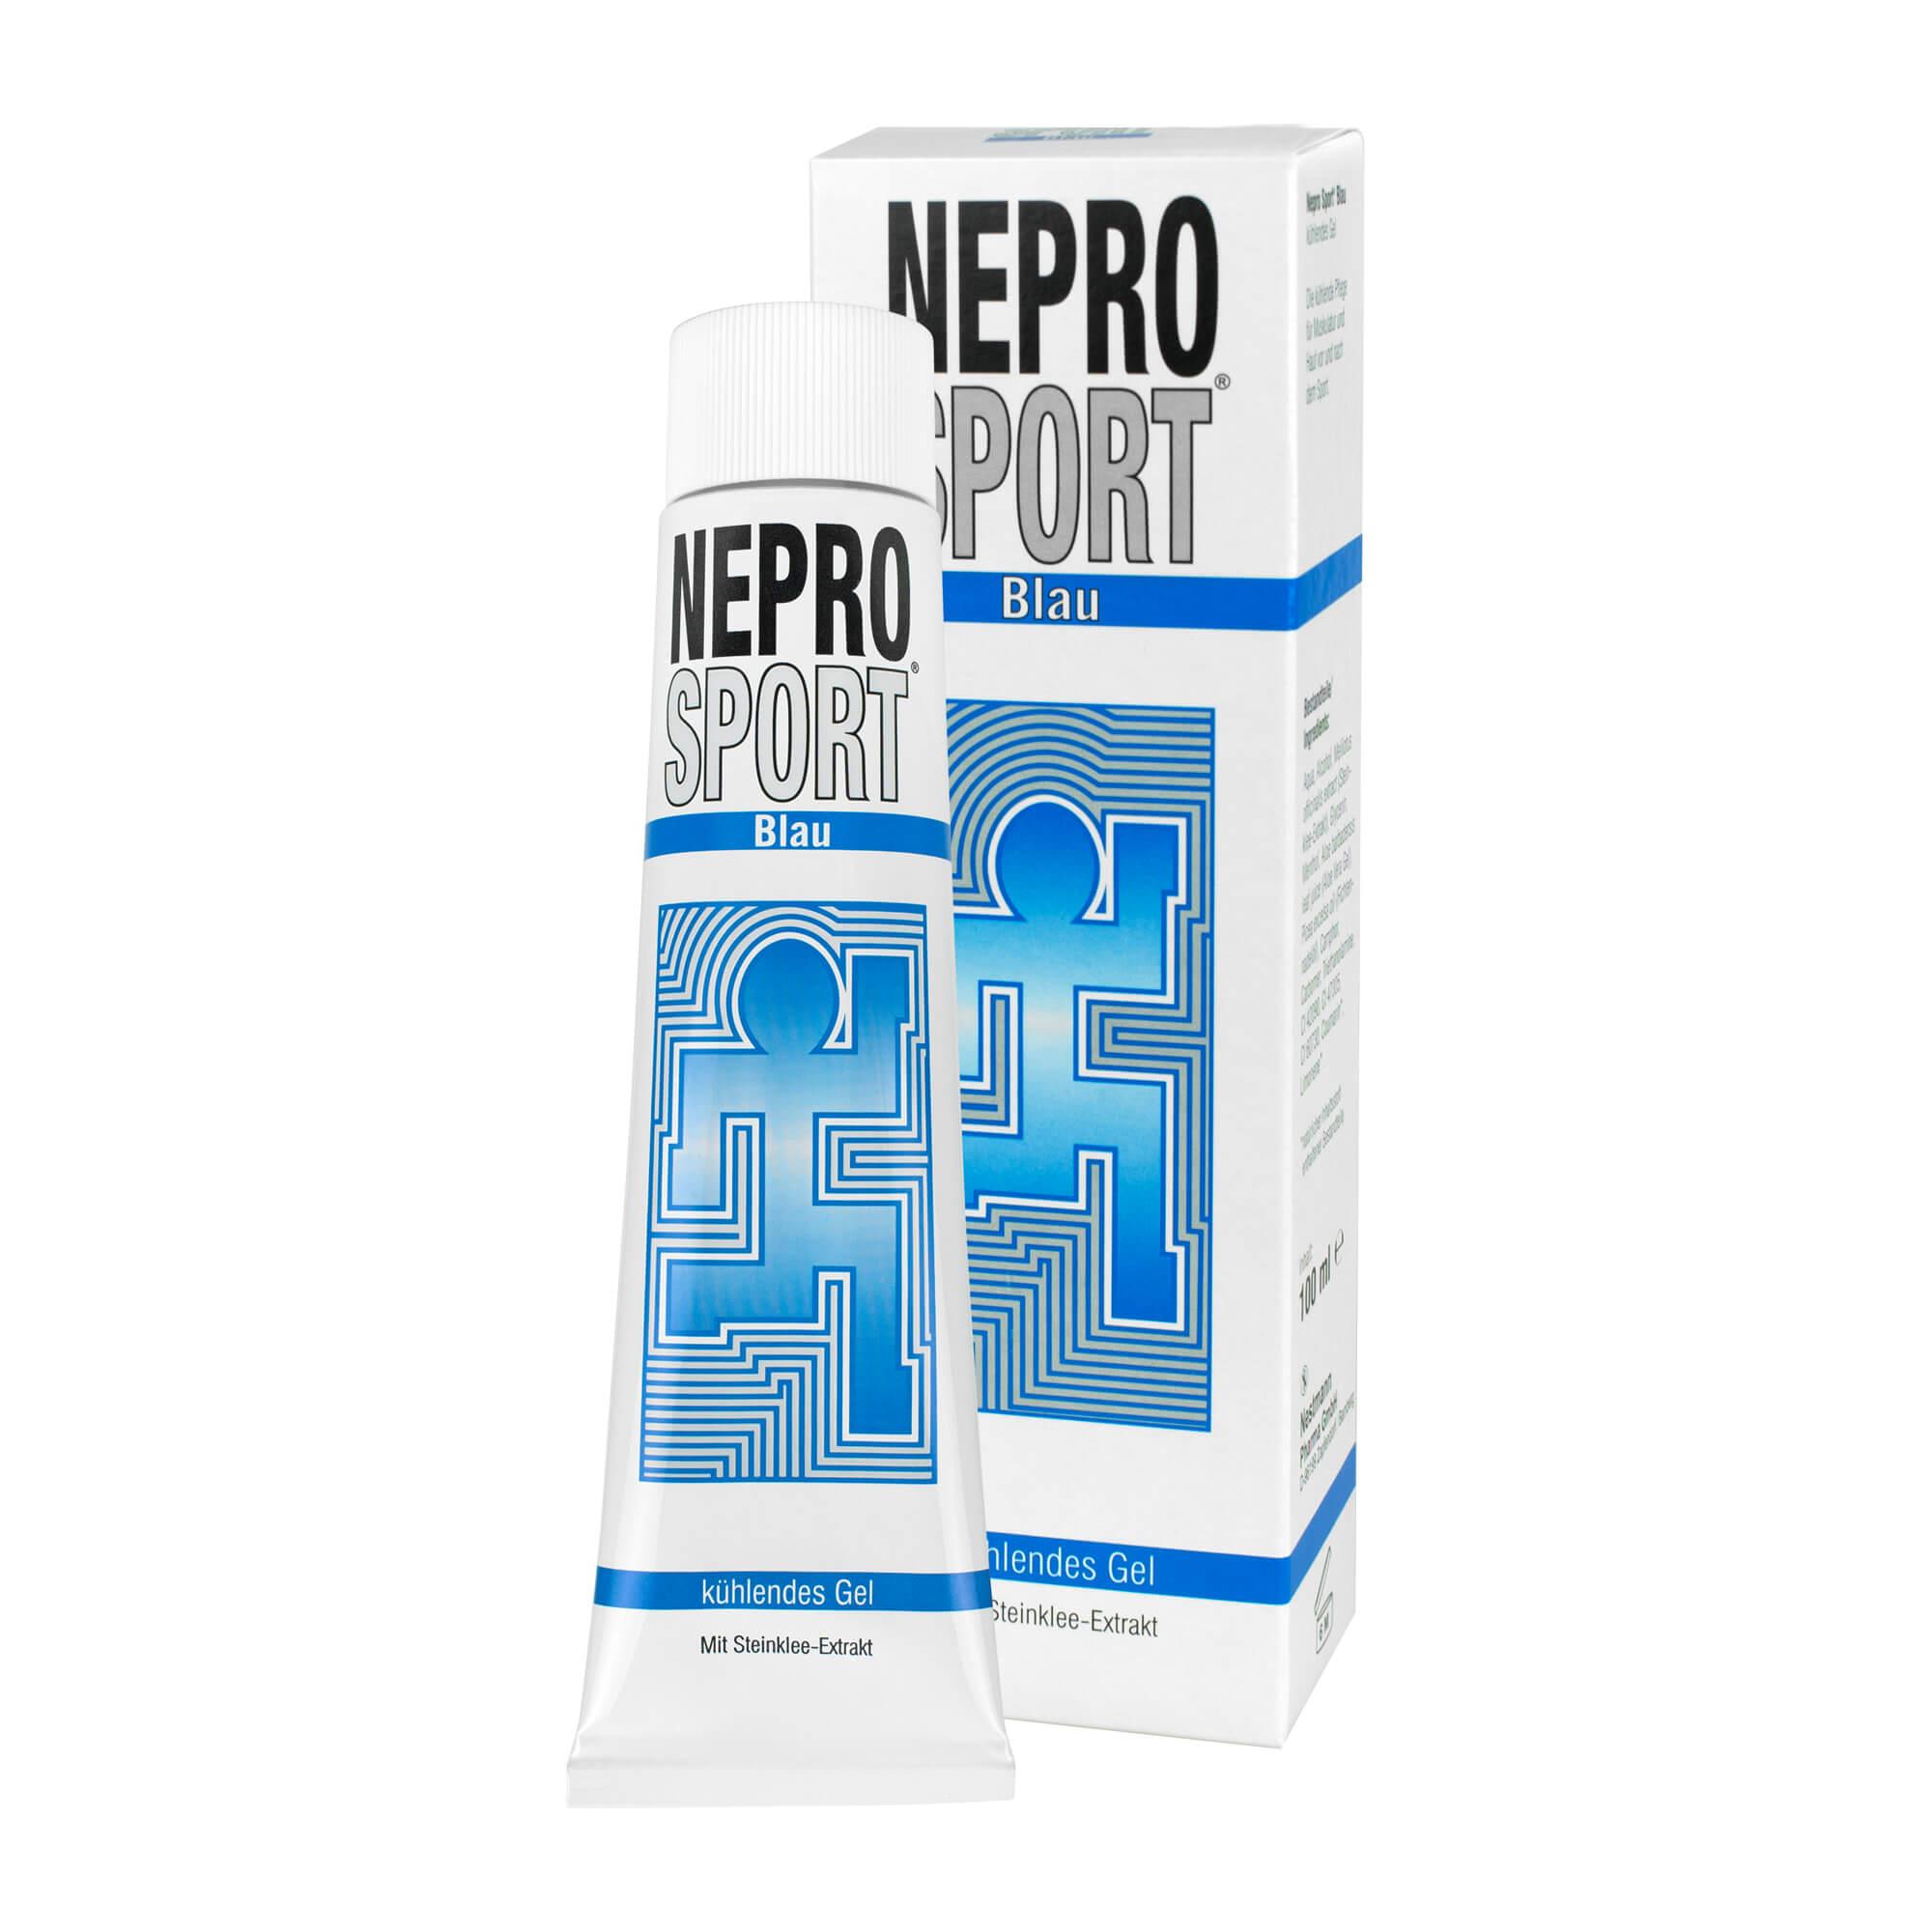 Nepro Sport blau kühlendes Gel